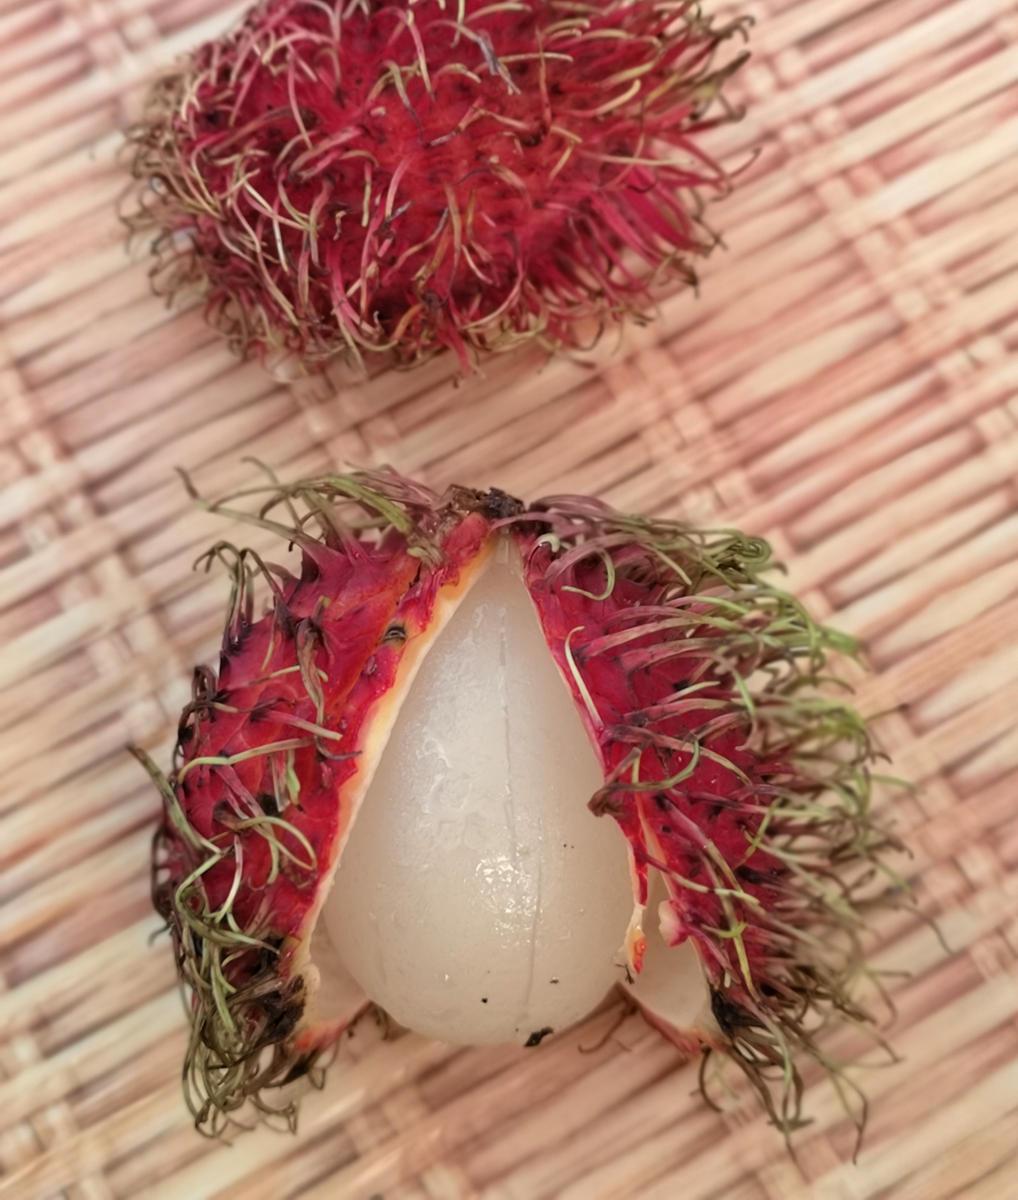 Das Fruchtfleisch der Rambutan Frucht ähnelt optisch und geschmacklich der Litschi. Wanderhunger, Thailands Früchte